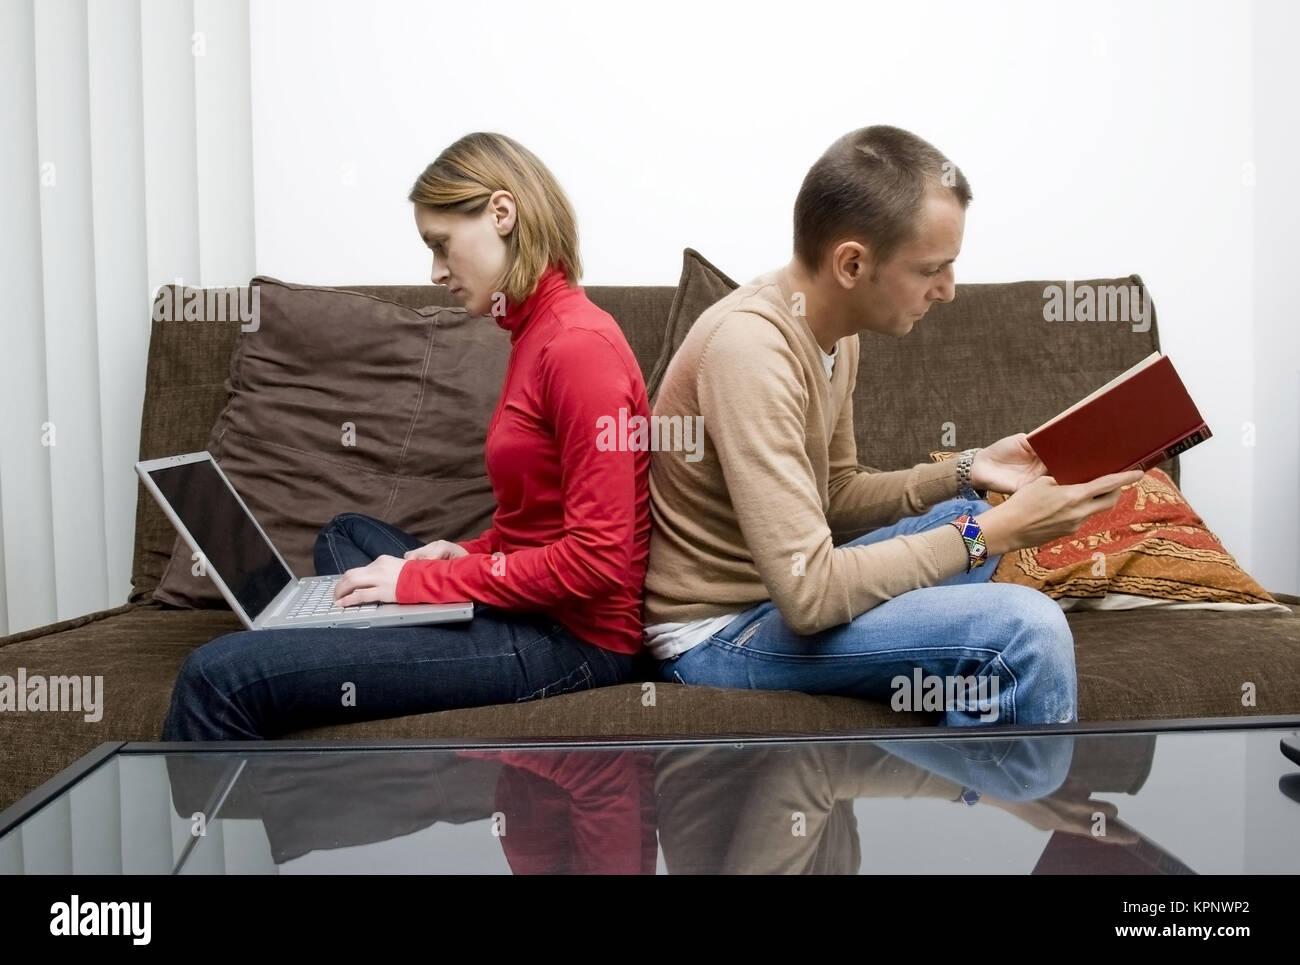 Model release , Frau arbeitet am Computer, Mann liest ein Buch - woman using laptop, man reading a book Stock Photo